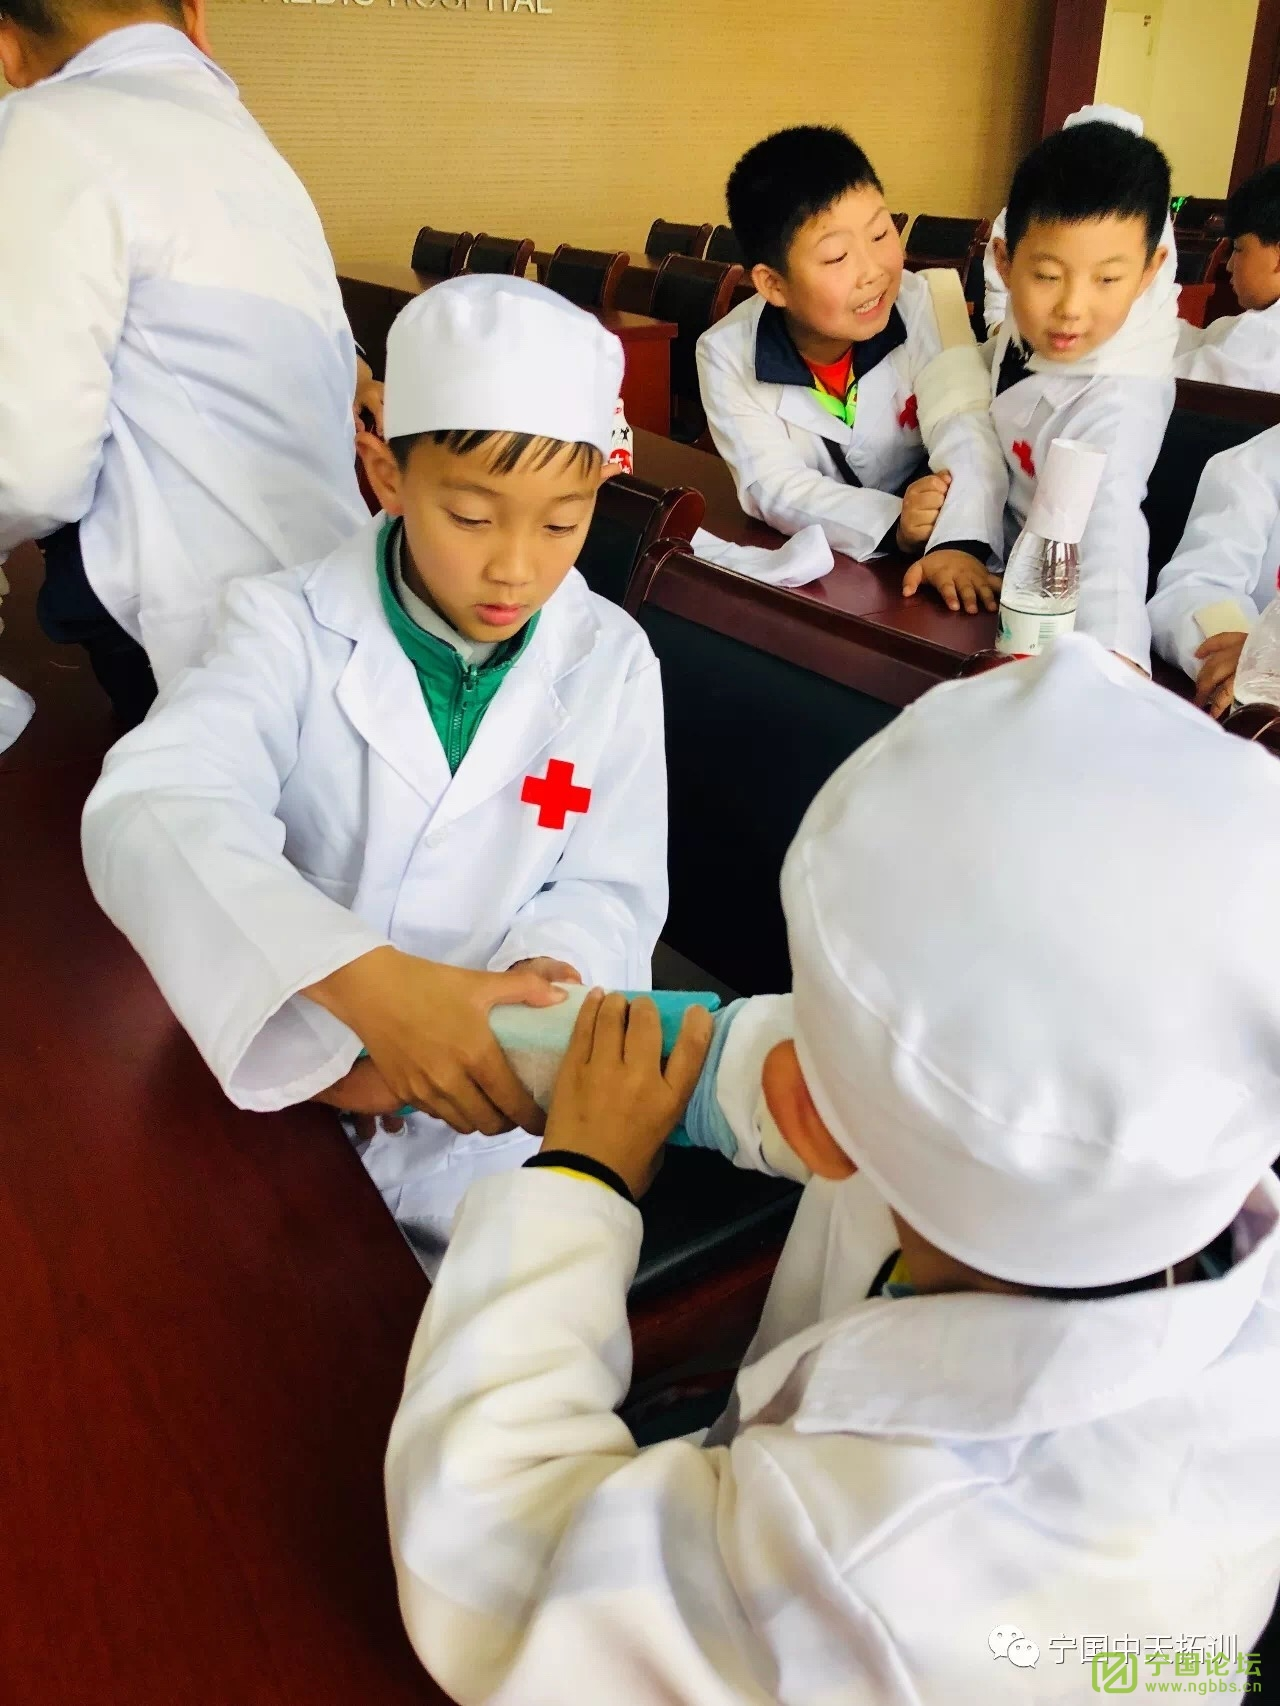 骨科医院奇遇记,小小医生职业体验 - 宁国论坛 - IMG_3523.JPG